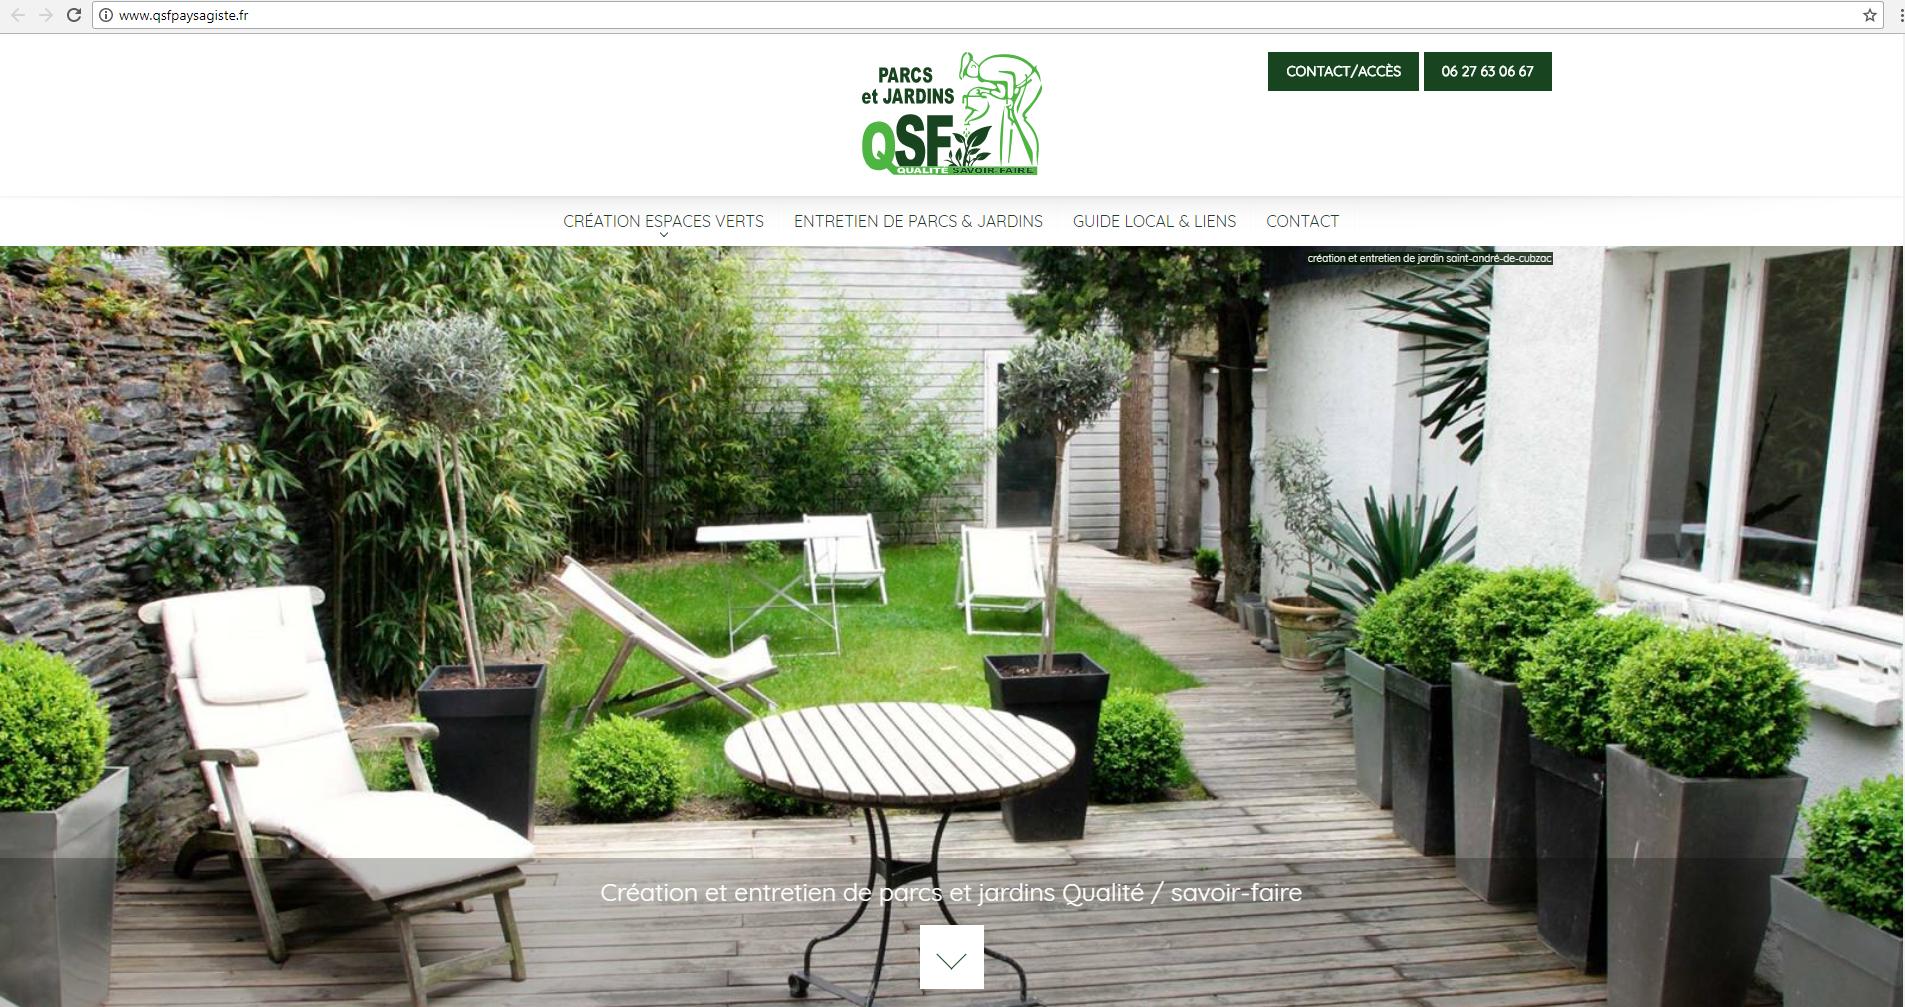 Aménagement Et Création De Jardin En Gironde- Agence Web ... pour Entretien Jardin Bordeaux